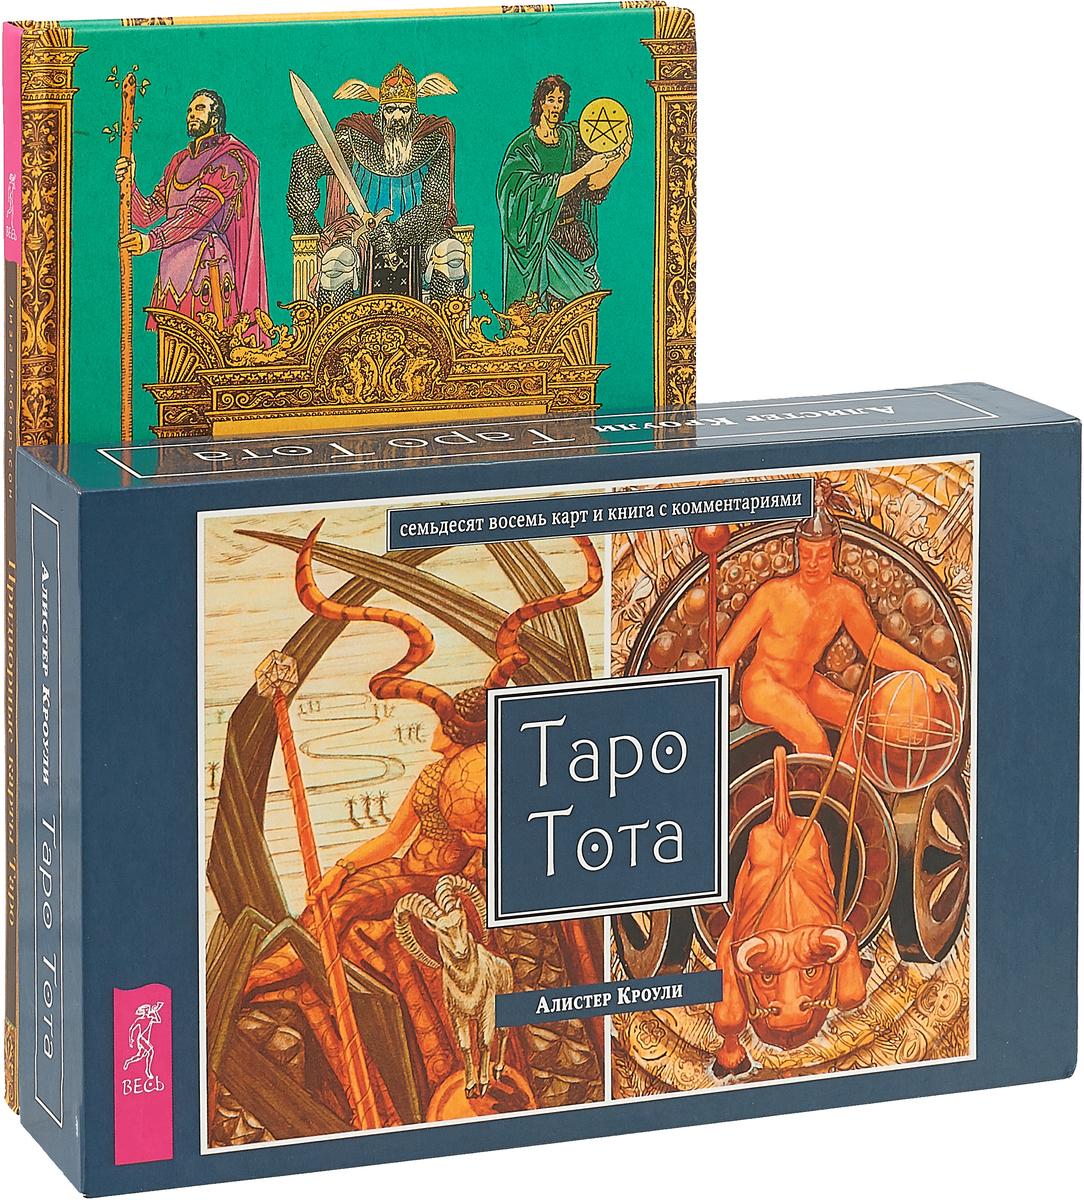 Придворные карты Таро. Таро Тота (комплект из 2 книг + колода из 78 карт)